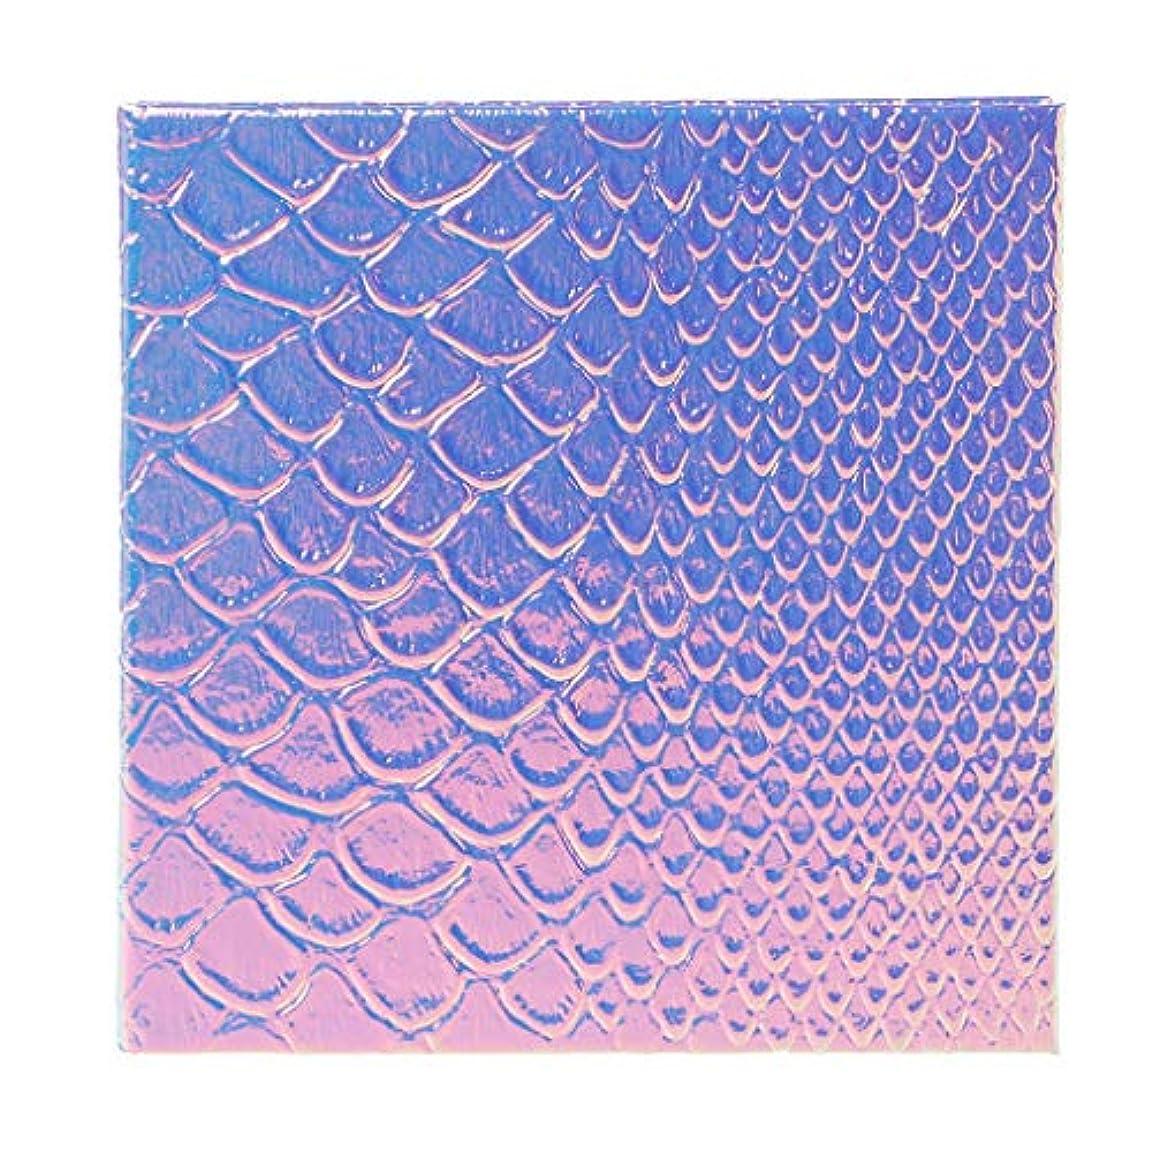 流ルールなくなるLamdoo魚スケール空磁気化粧パレットdiyアイシャドーコンシーラーケースホルダー - 2#